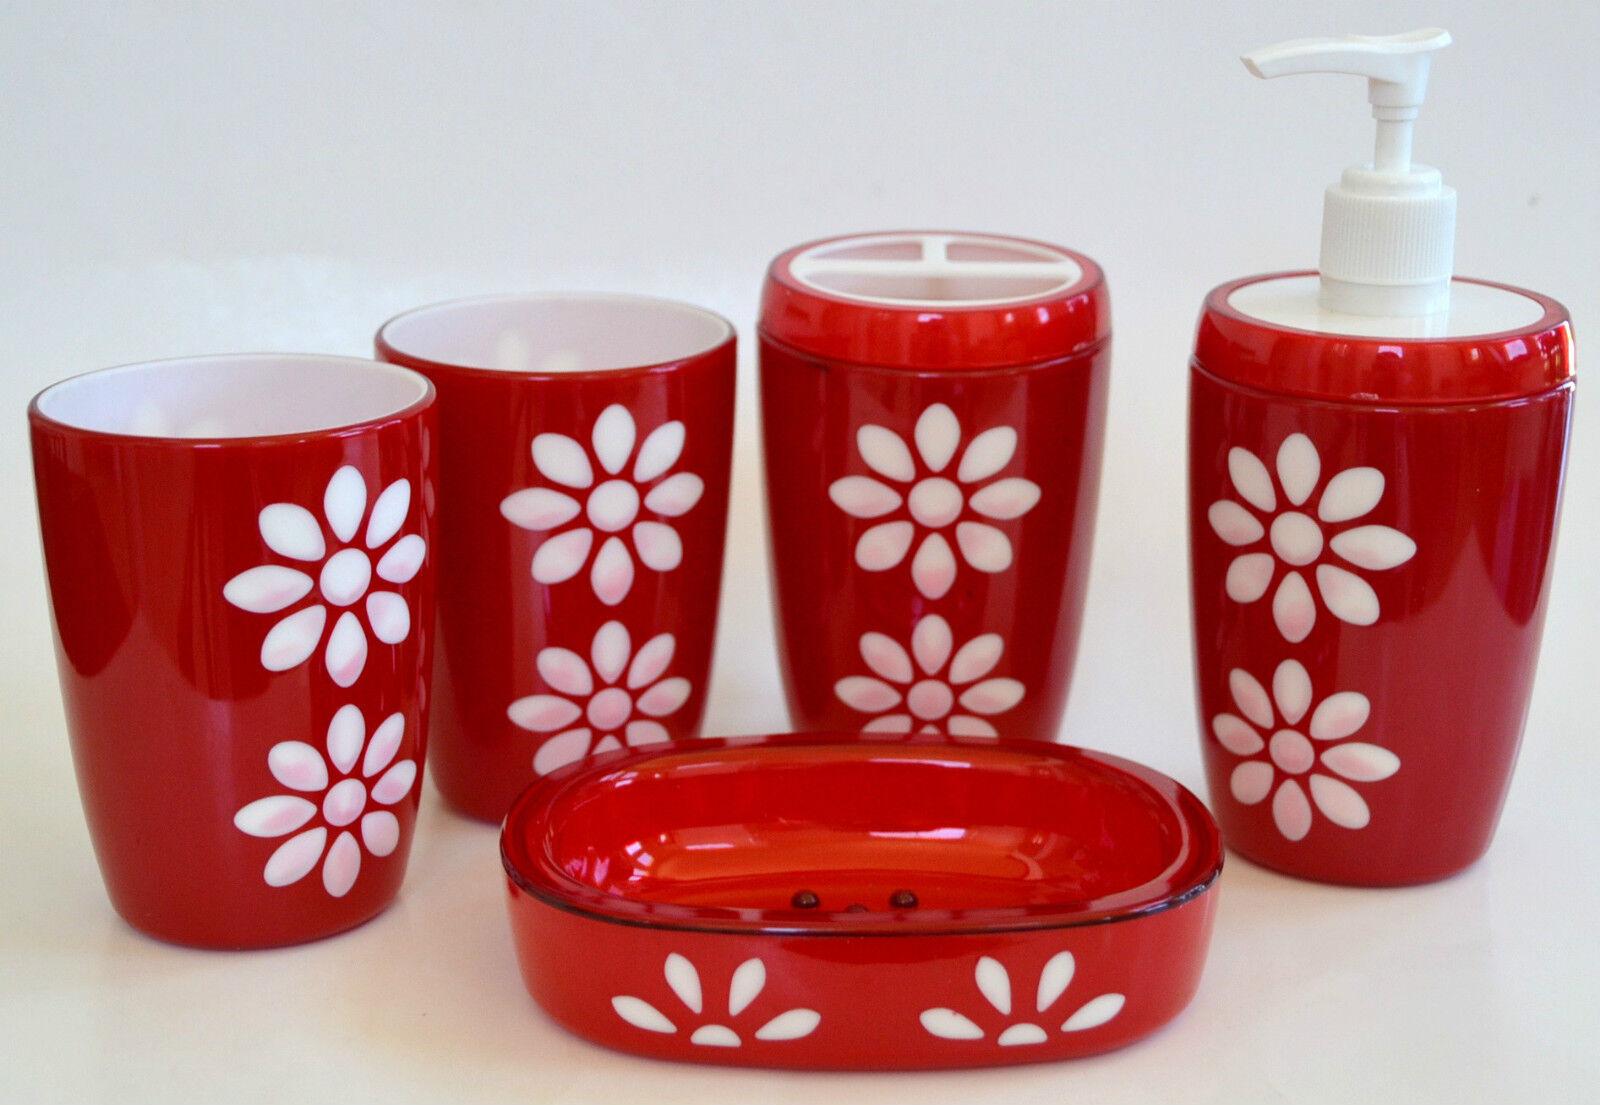 Neu 5 Teile Set Rot + Weiße Blaume Seifenspender + Schale+2 Becher+Zahnbürste+